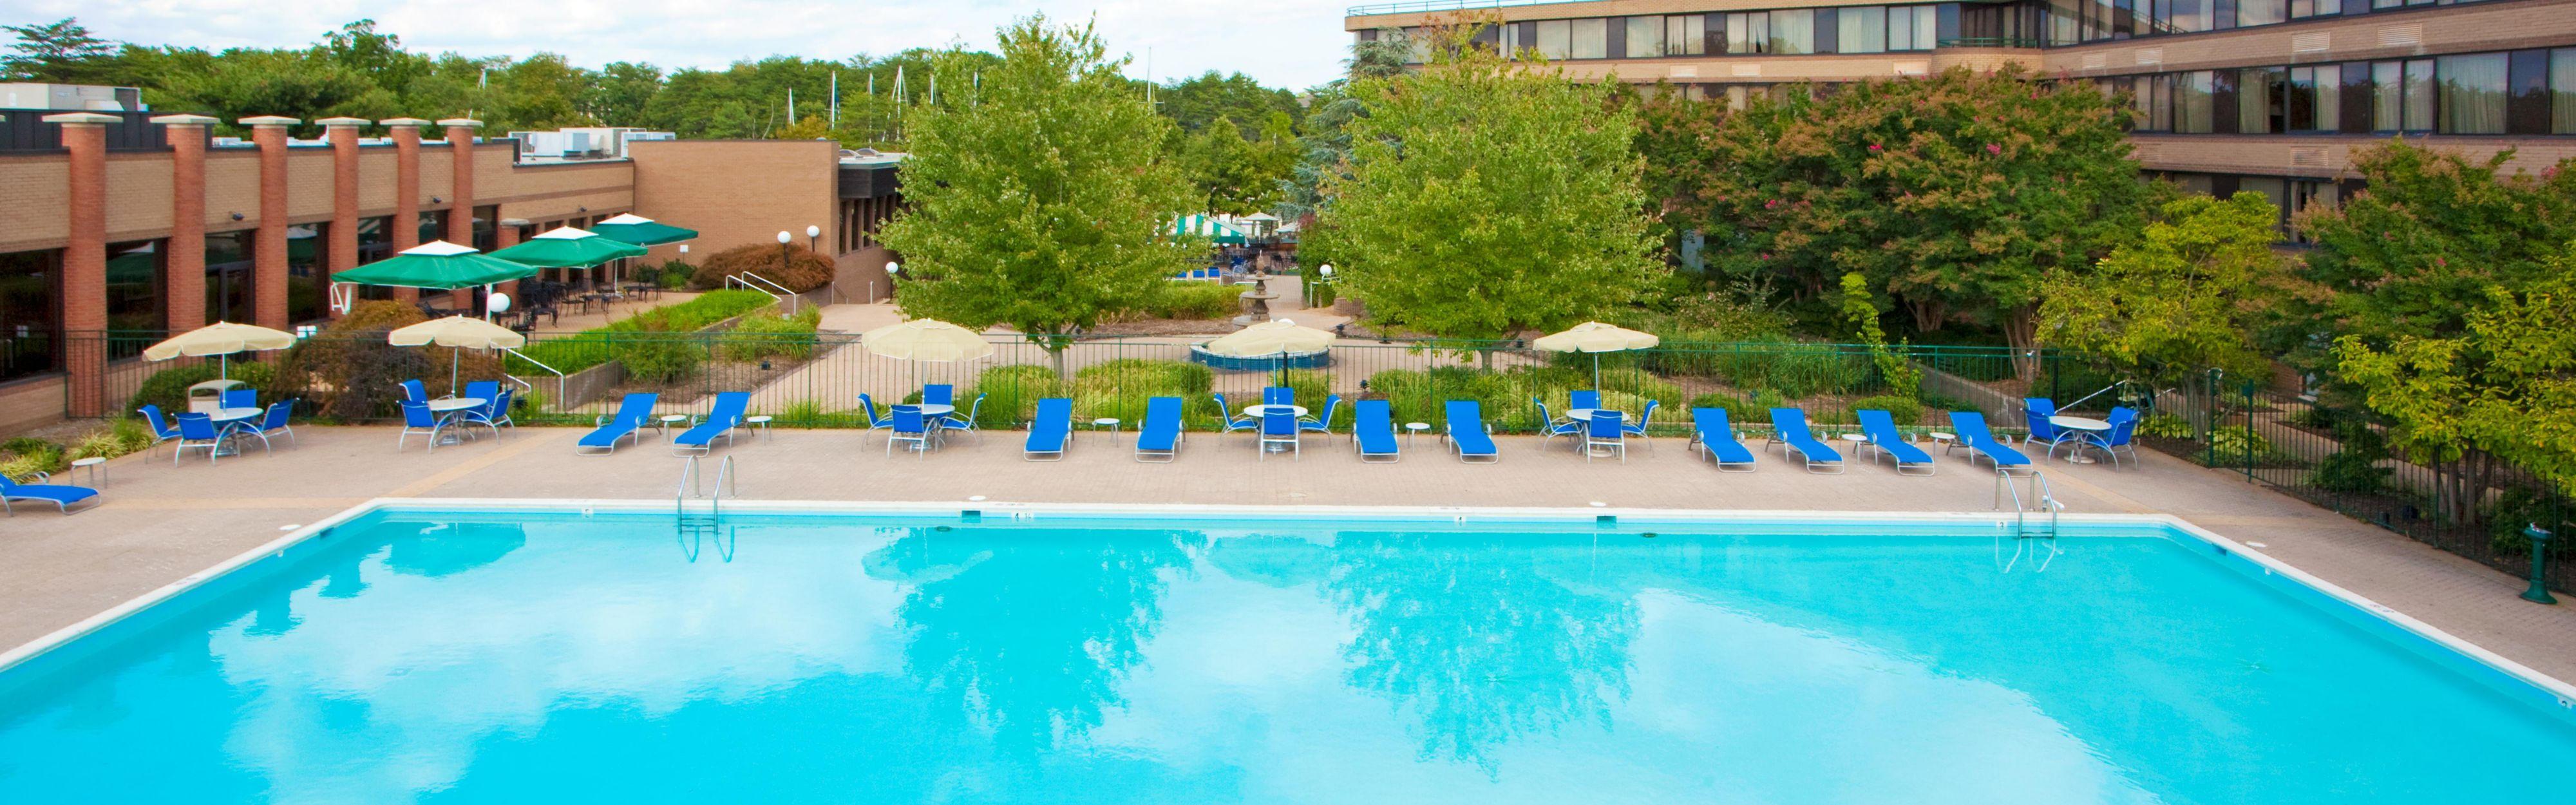 Holiday Inn Solomons Conf Center Amp Marina Solomons